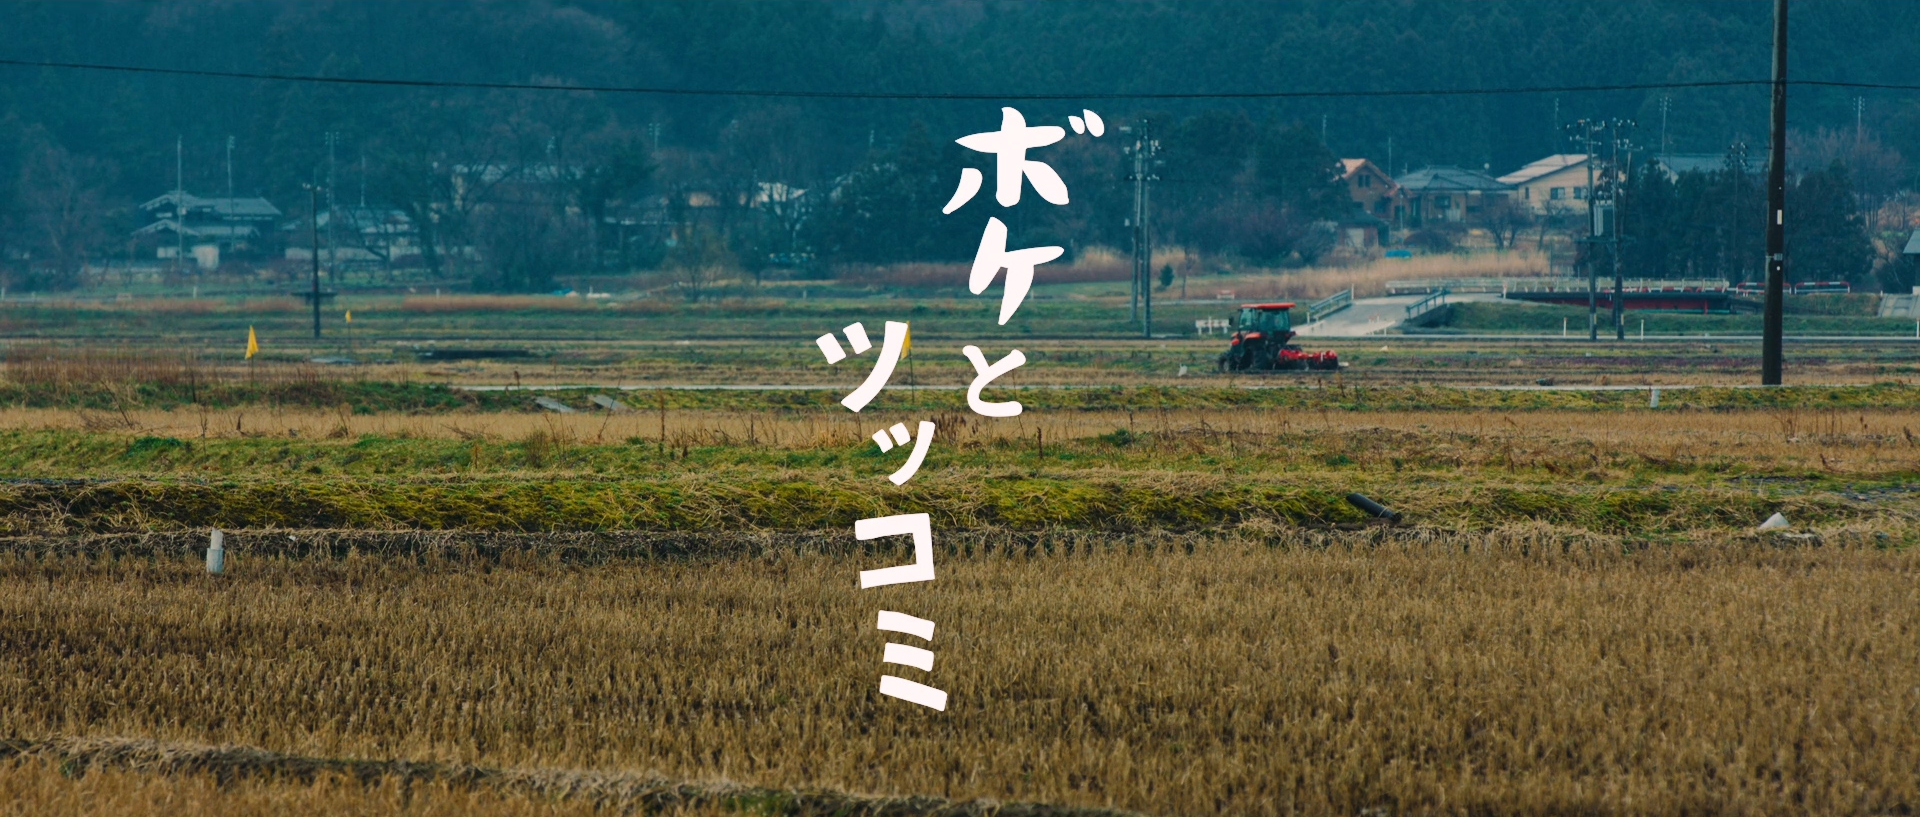 農村に突如として介護と後継者問題がやってくる 日本各地で起きている共通の課題でもある  Farmers village all over Japan now facing the problems of aging society lacking of successors